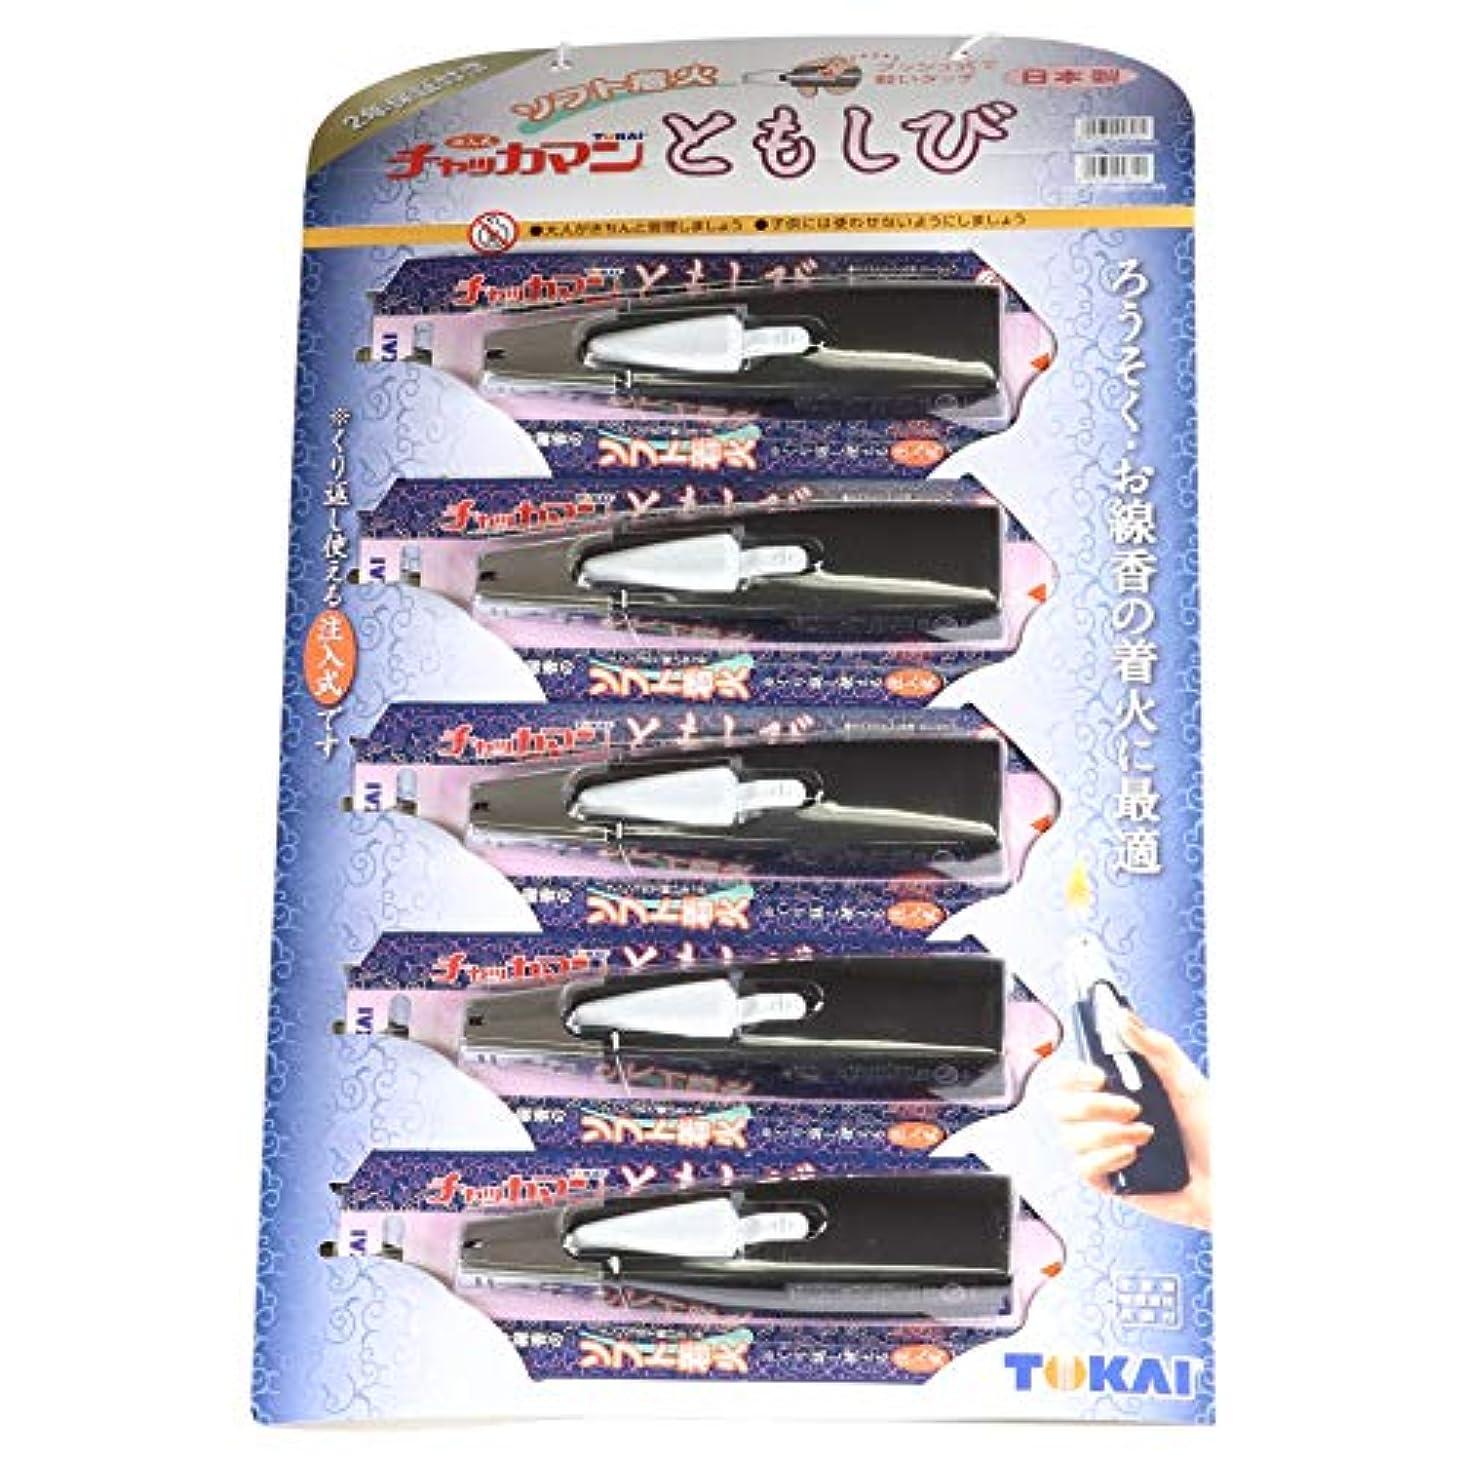 保育園発疹宇宙船東海 チャッカマン ともしび 10個ハンガー台紙セット 注入式 日本製 ソフト着火